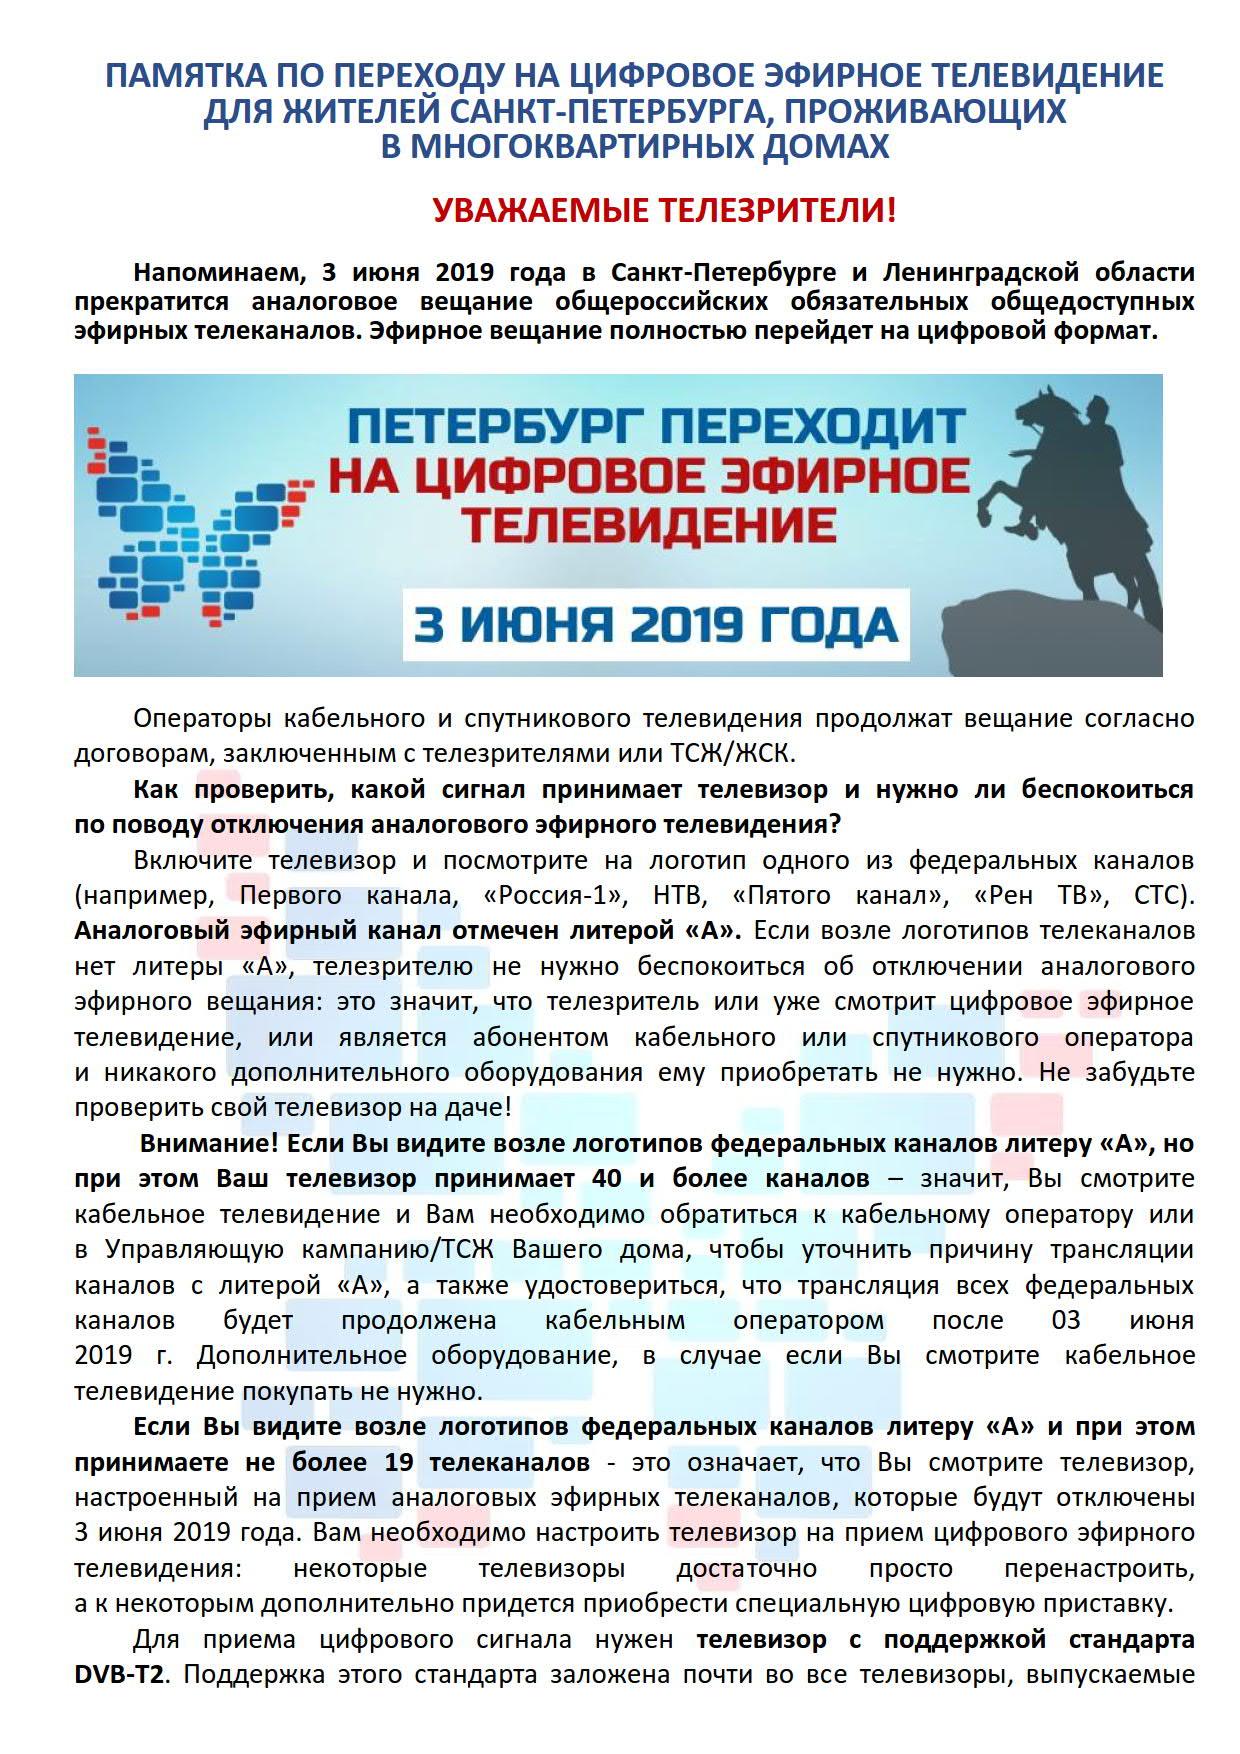 ТЕКСТ_ПАМЯТКИ_ДЛЯ_МНОГОКВАРТИРНЫХ_ДОМОВ_ЦВЕТ_1